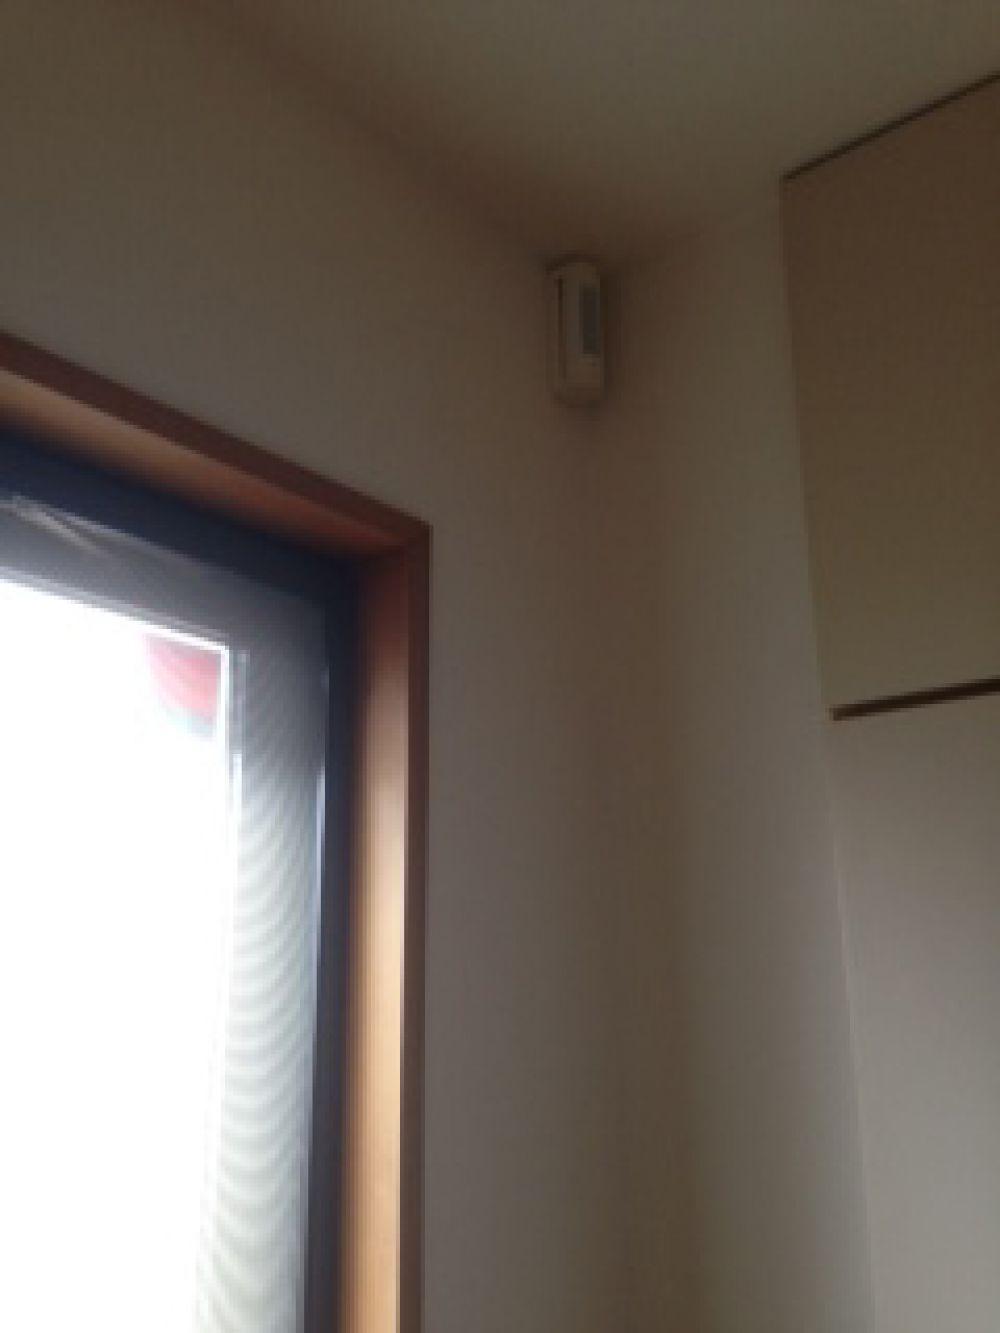 賃貸住宅にカーテンレールを取り付けしたい(世田谷区) リフォームの